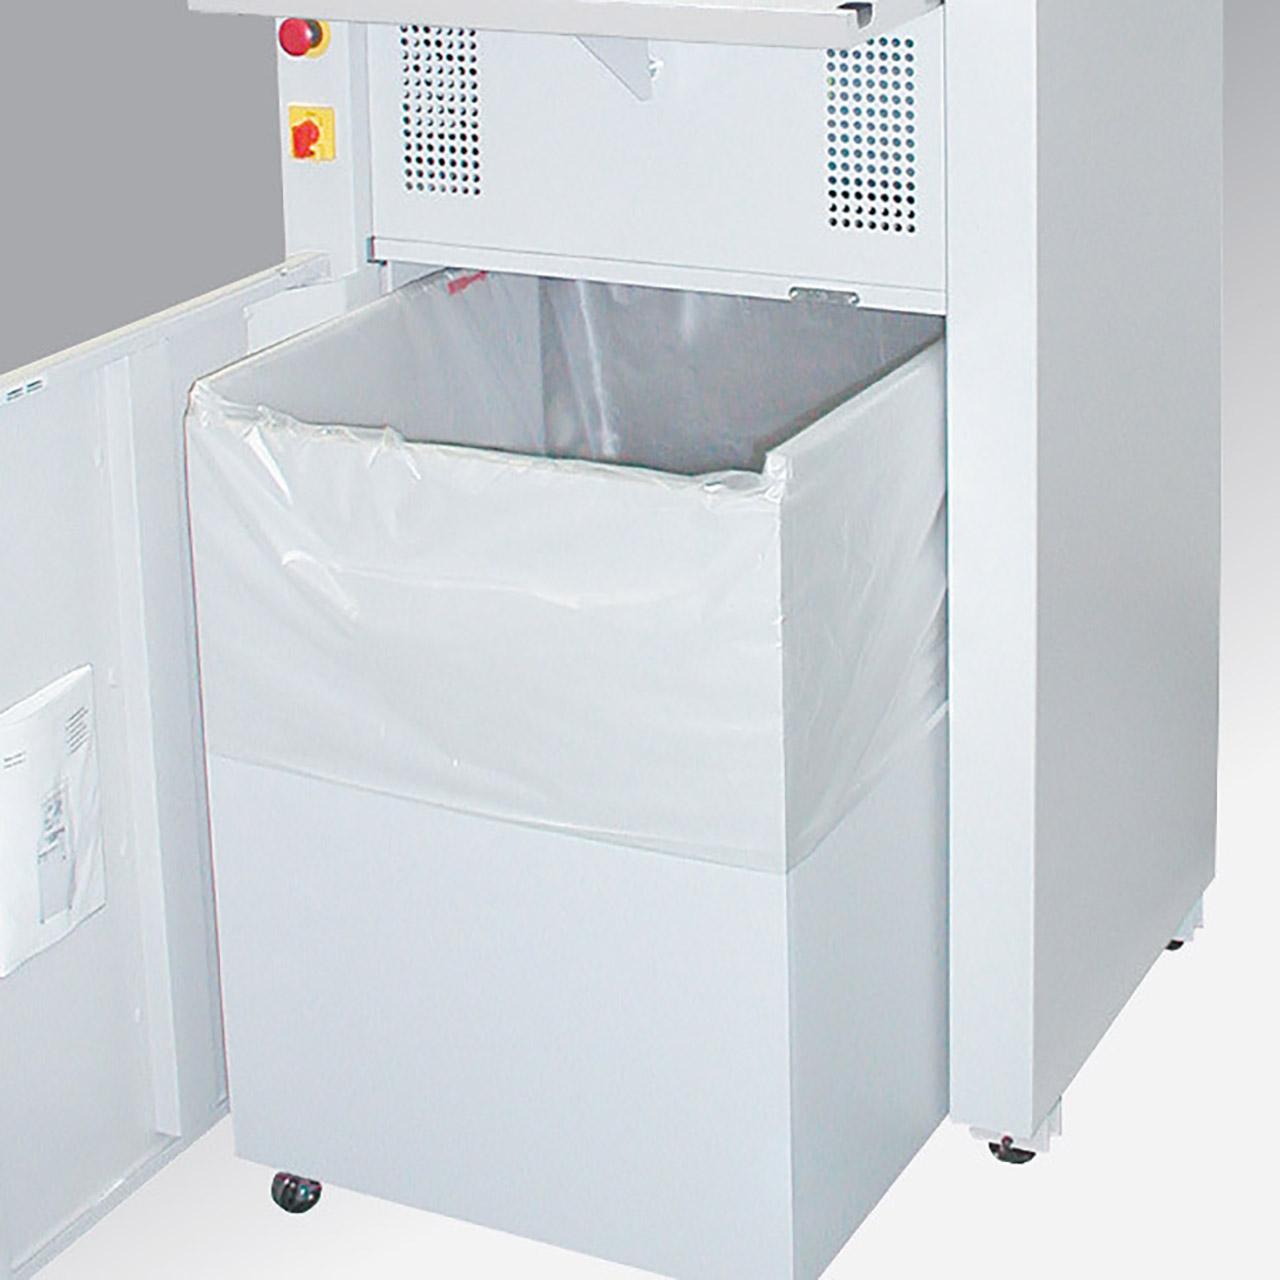 Ideal 4606 - Schnittgutbehälter